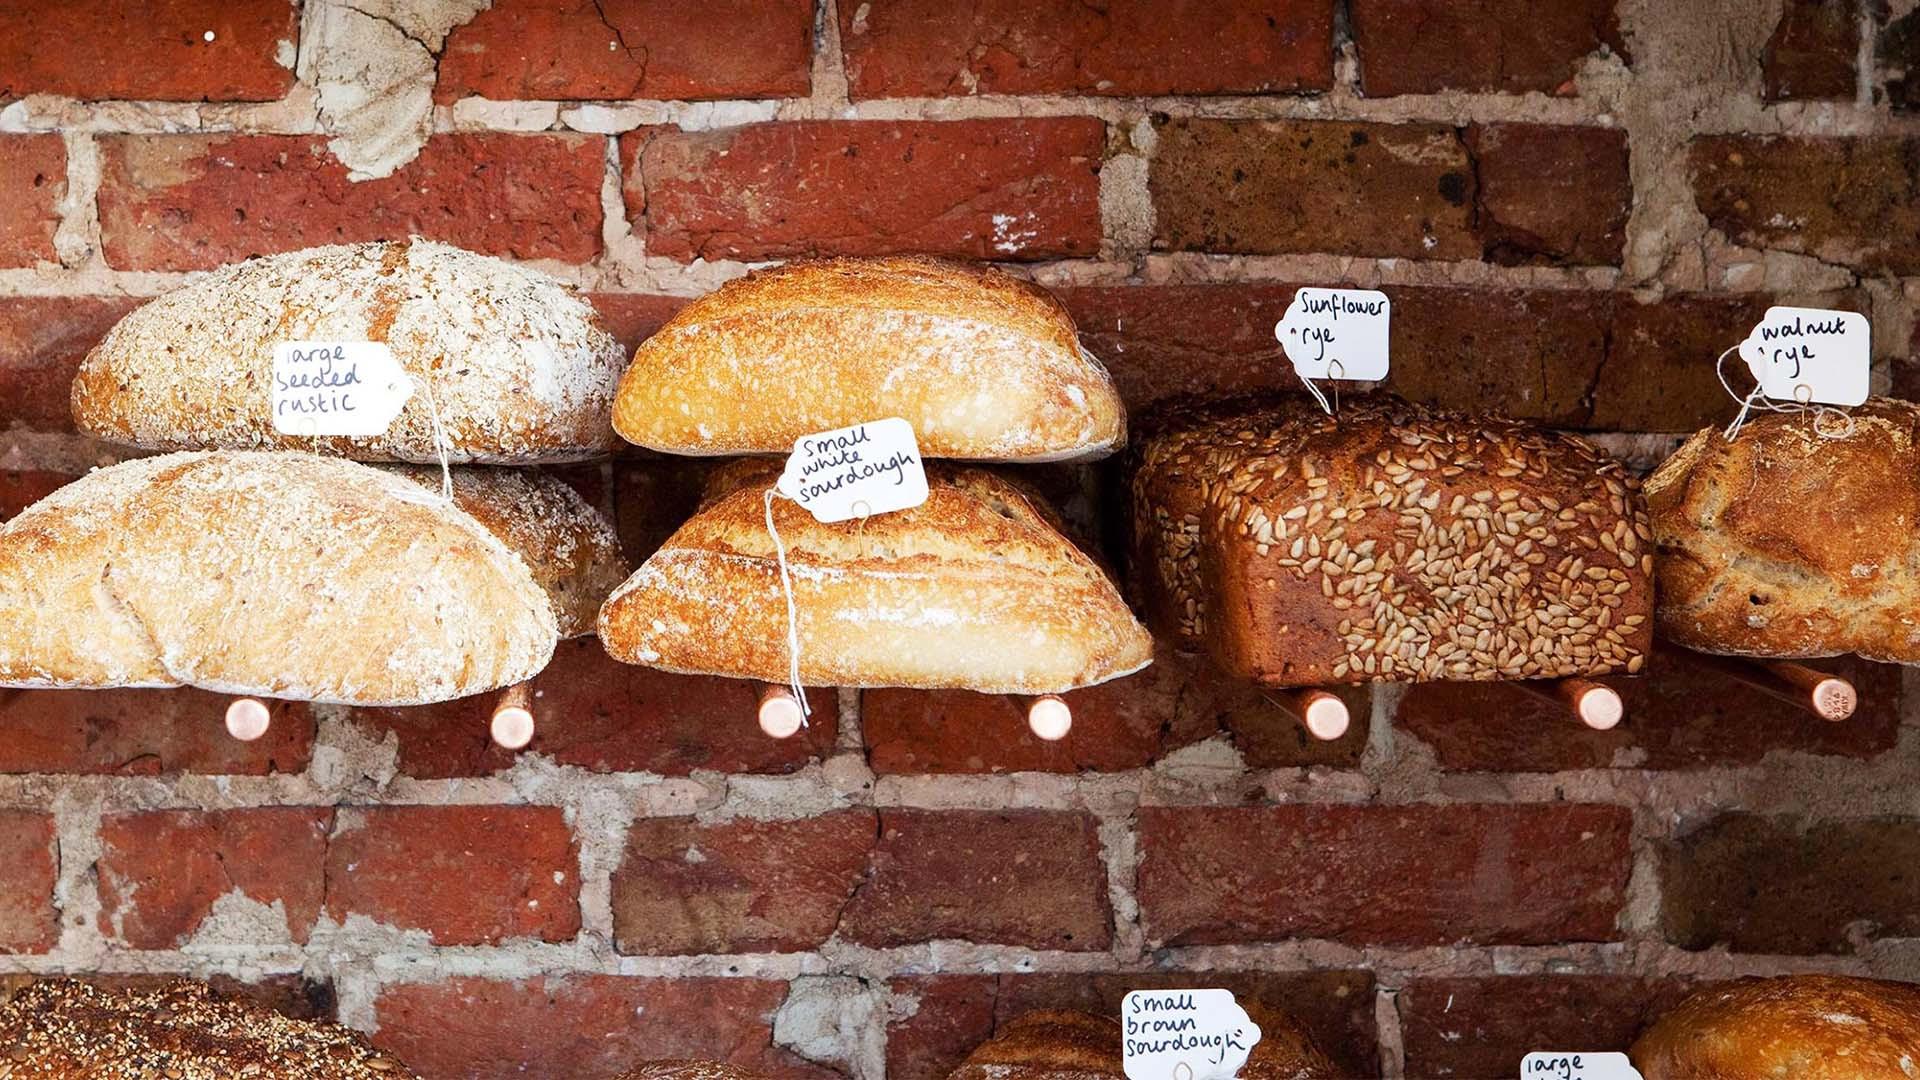 Bread at The Flour Pot Bakery